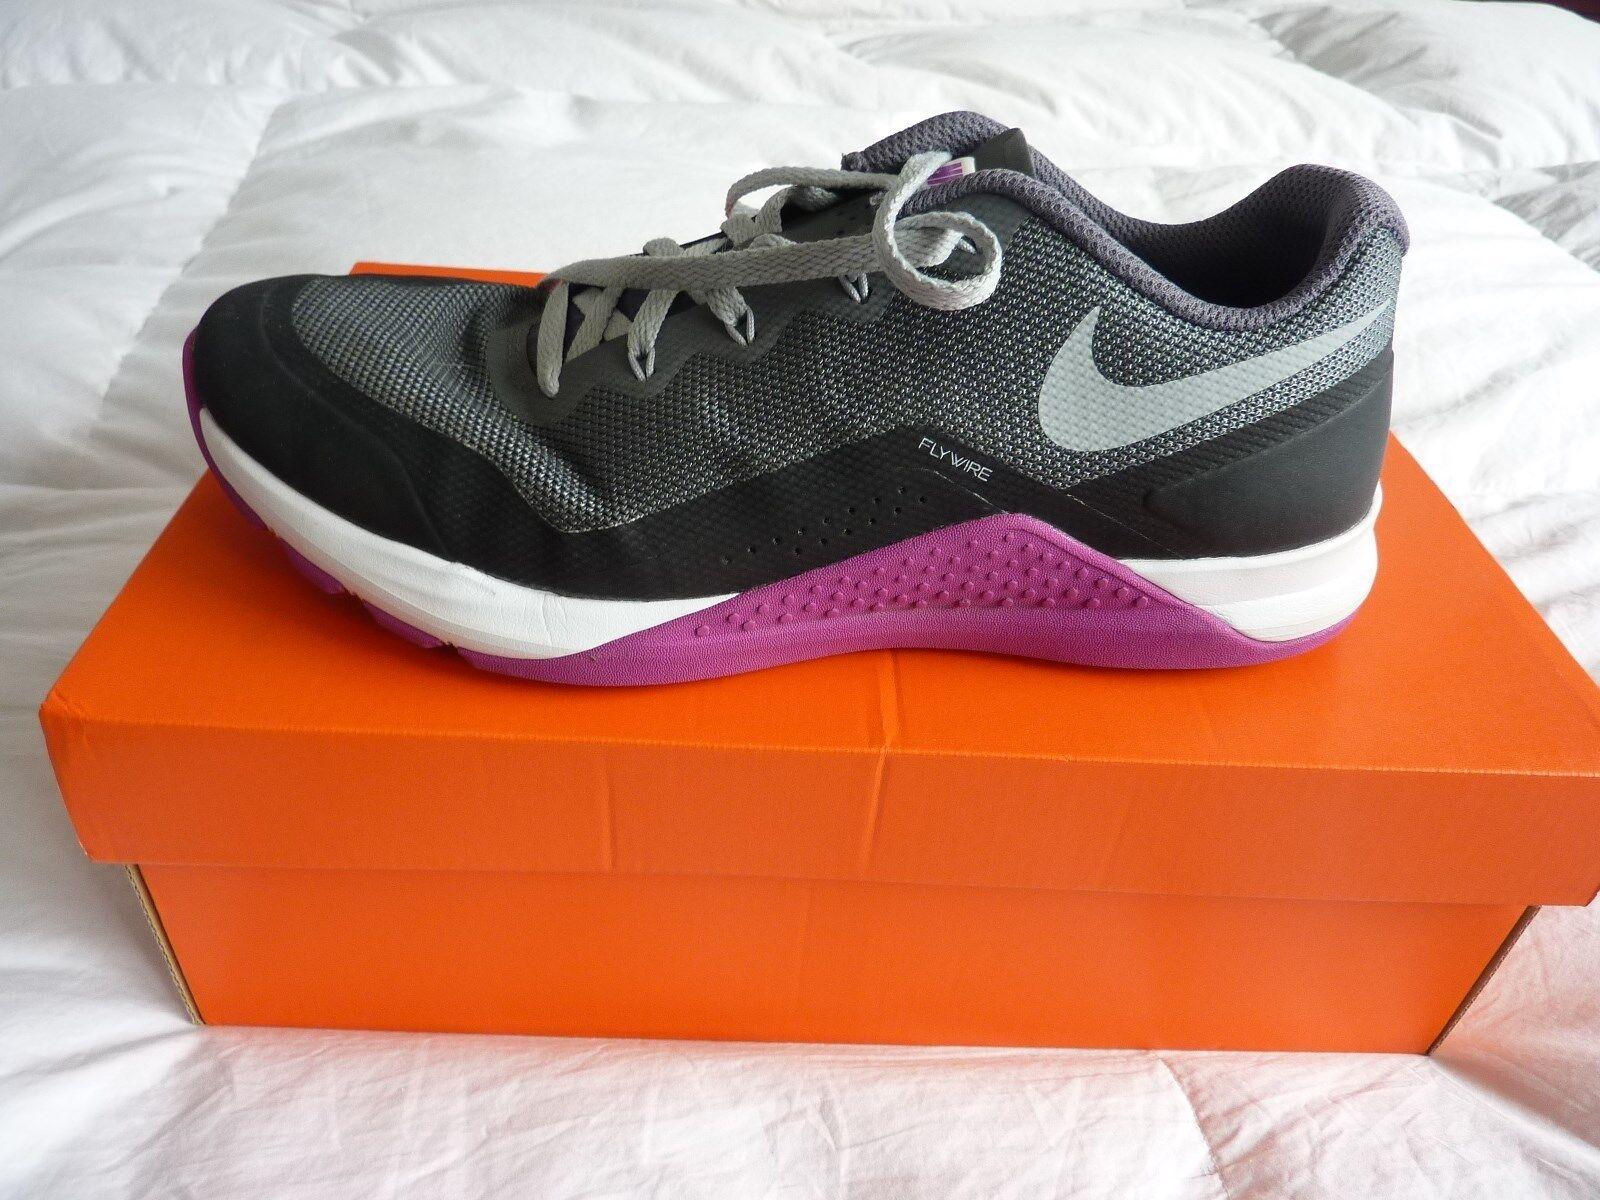 Nike metcon repper dsx donne 'scarpe formazione corsa sz 10 viola grigio nero